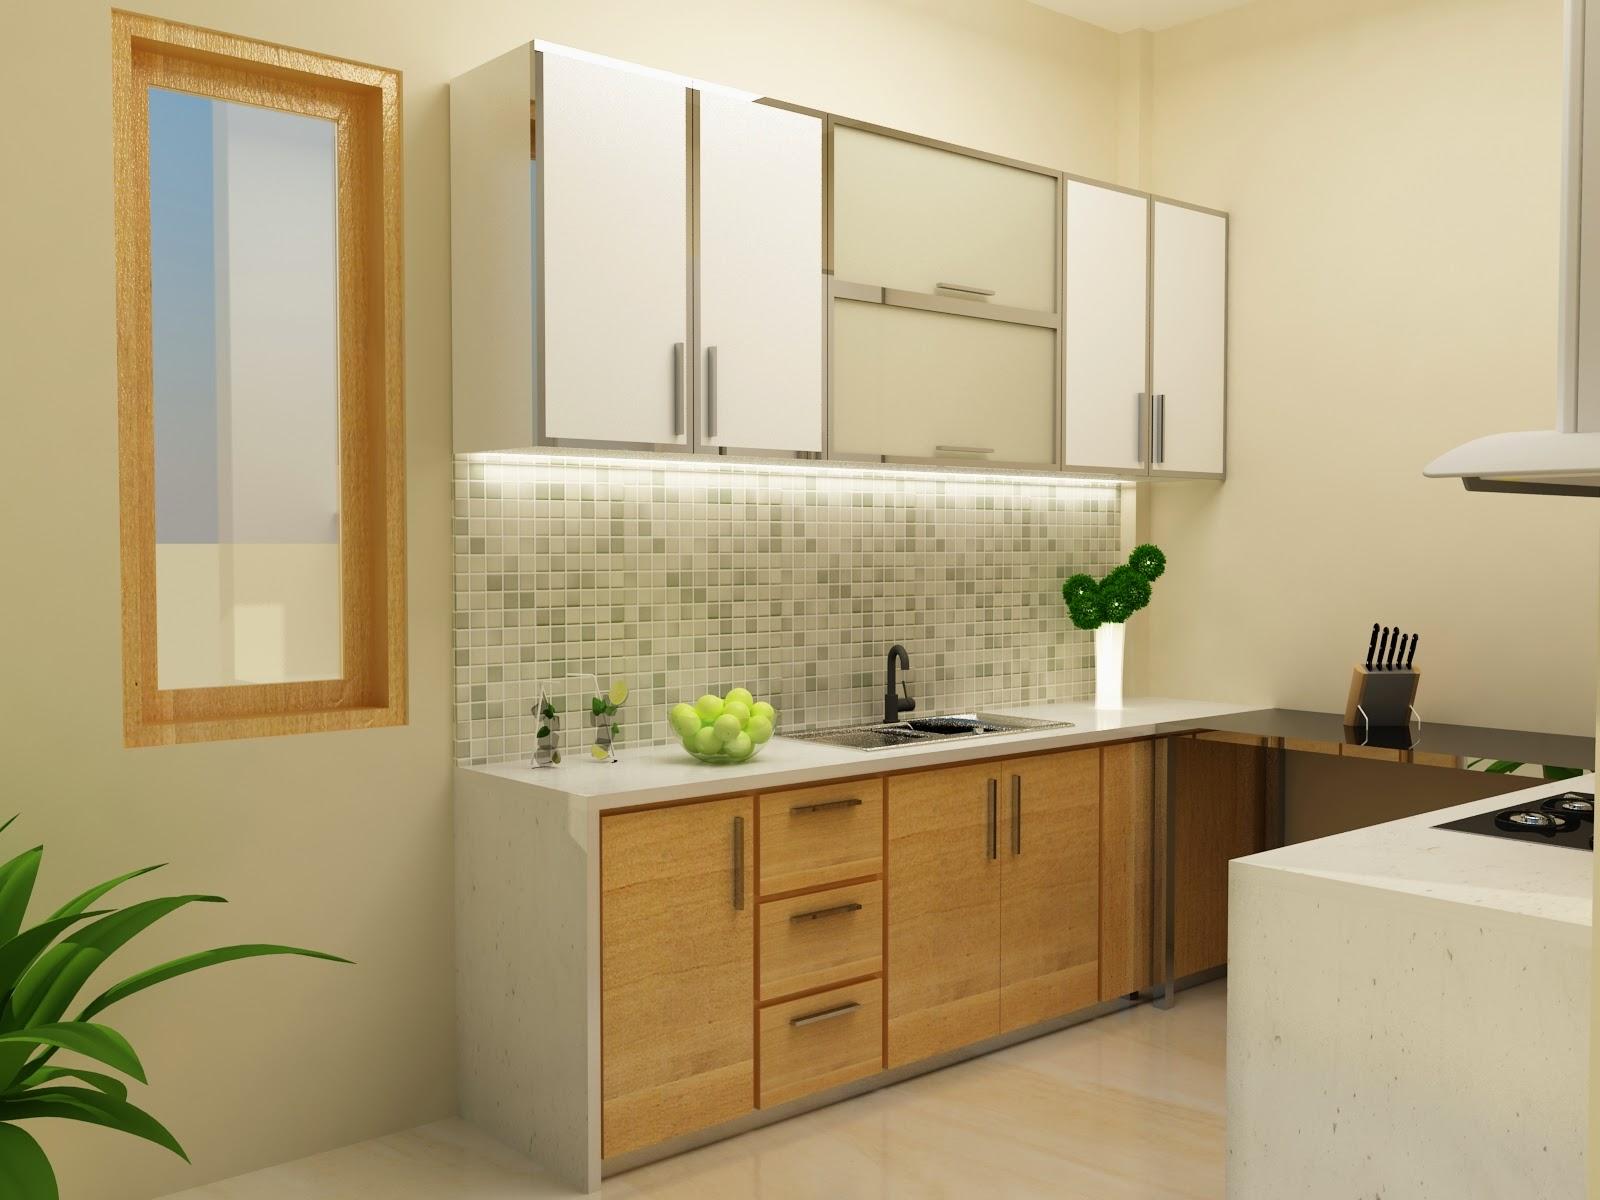 modern kitchen set - Modern Kitchen Set